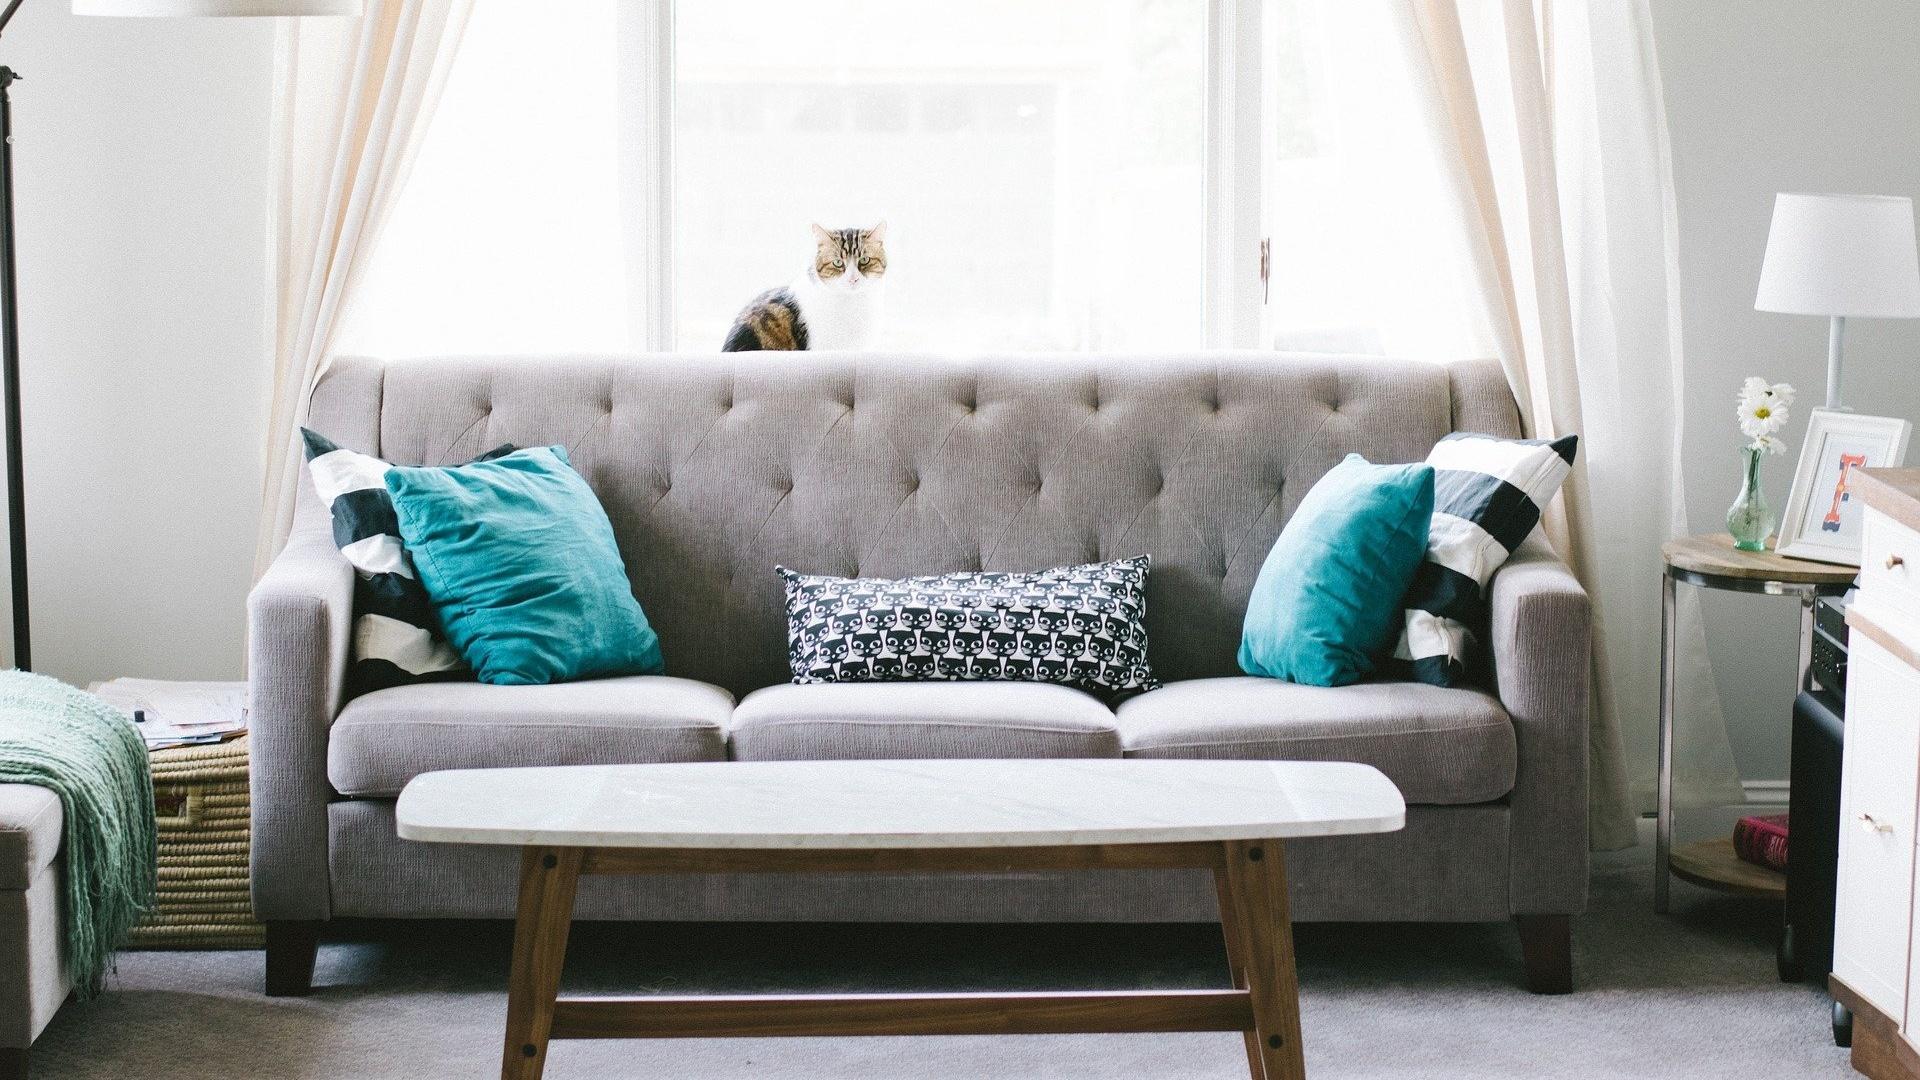 Sofa reparieren - Schaden erkennen und handeln: So geht's